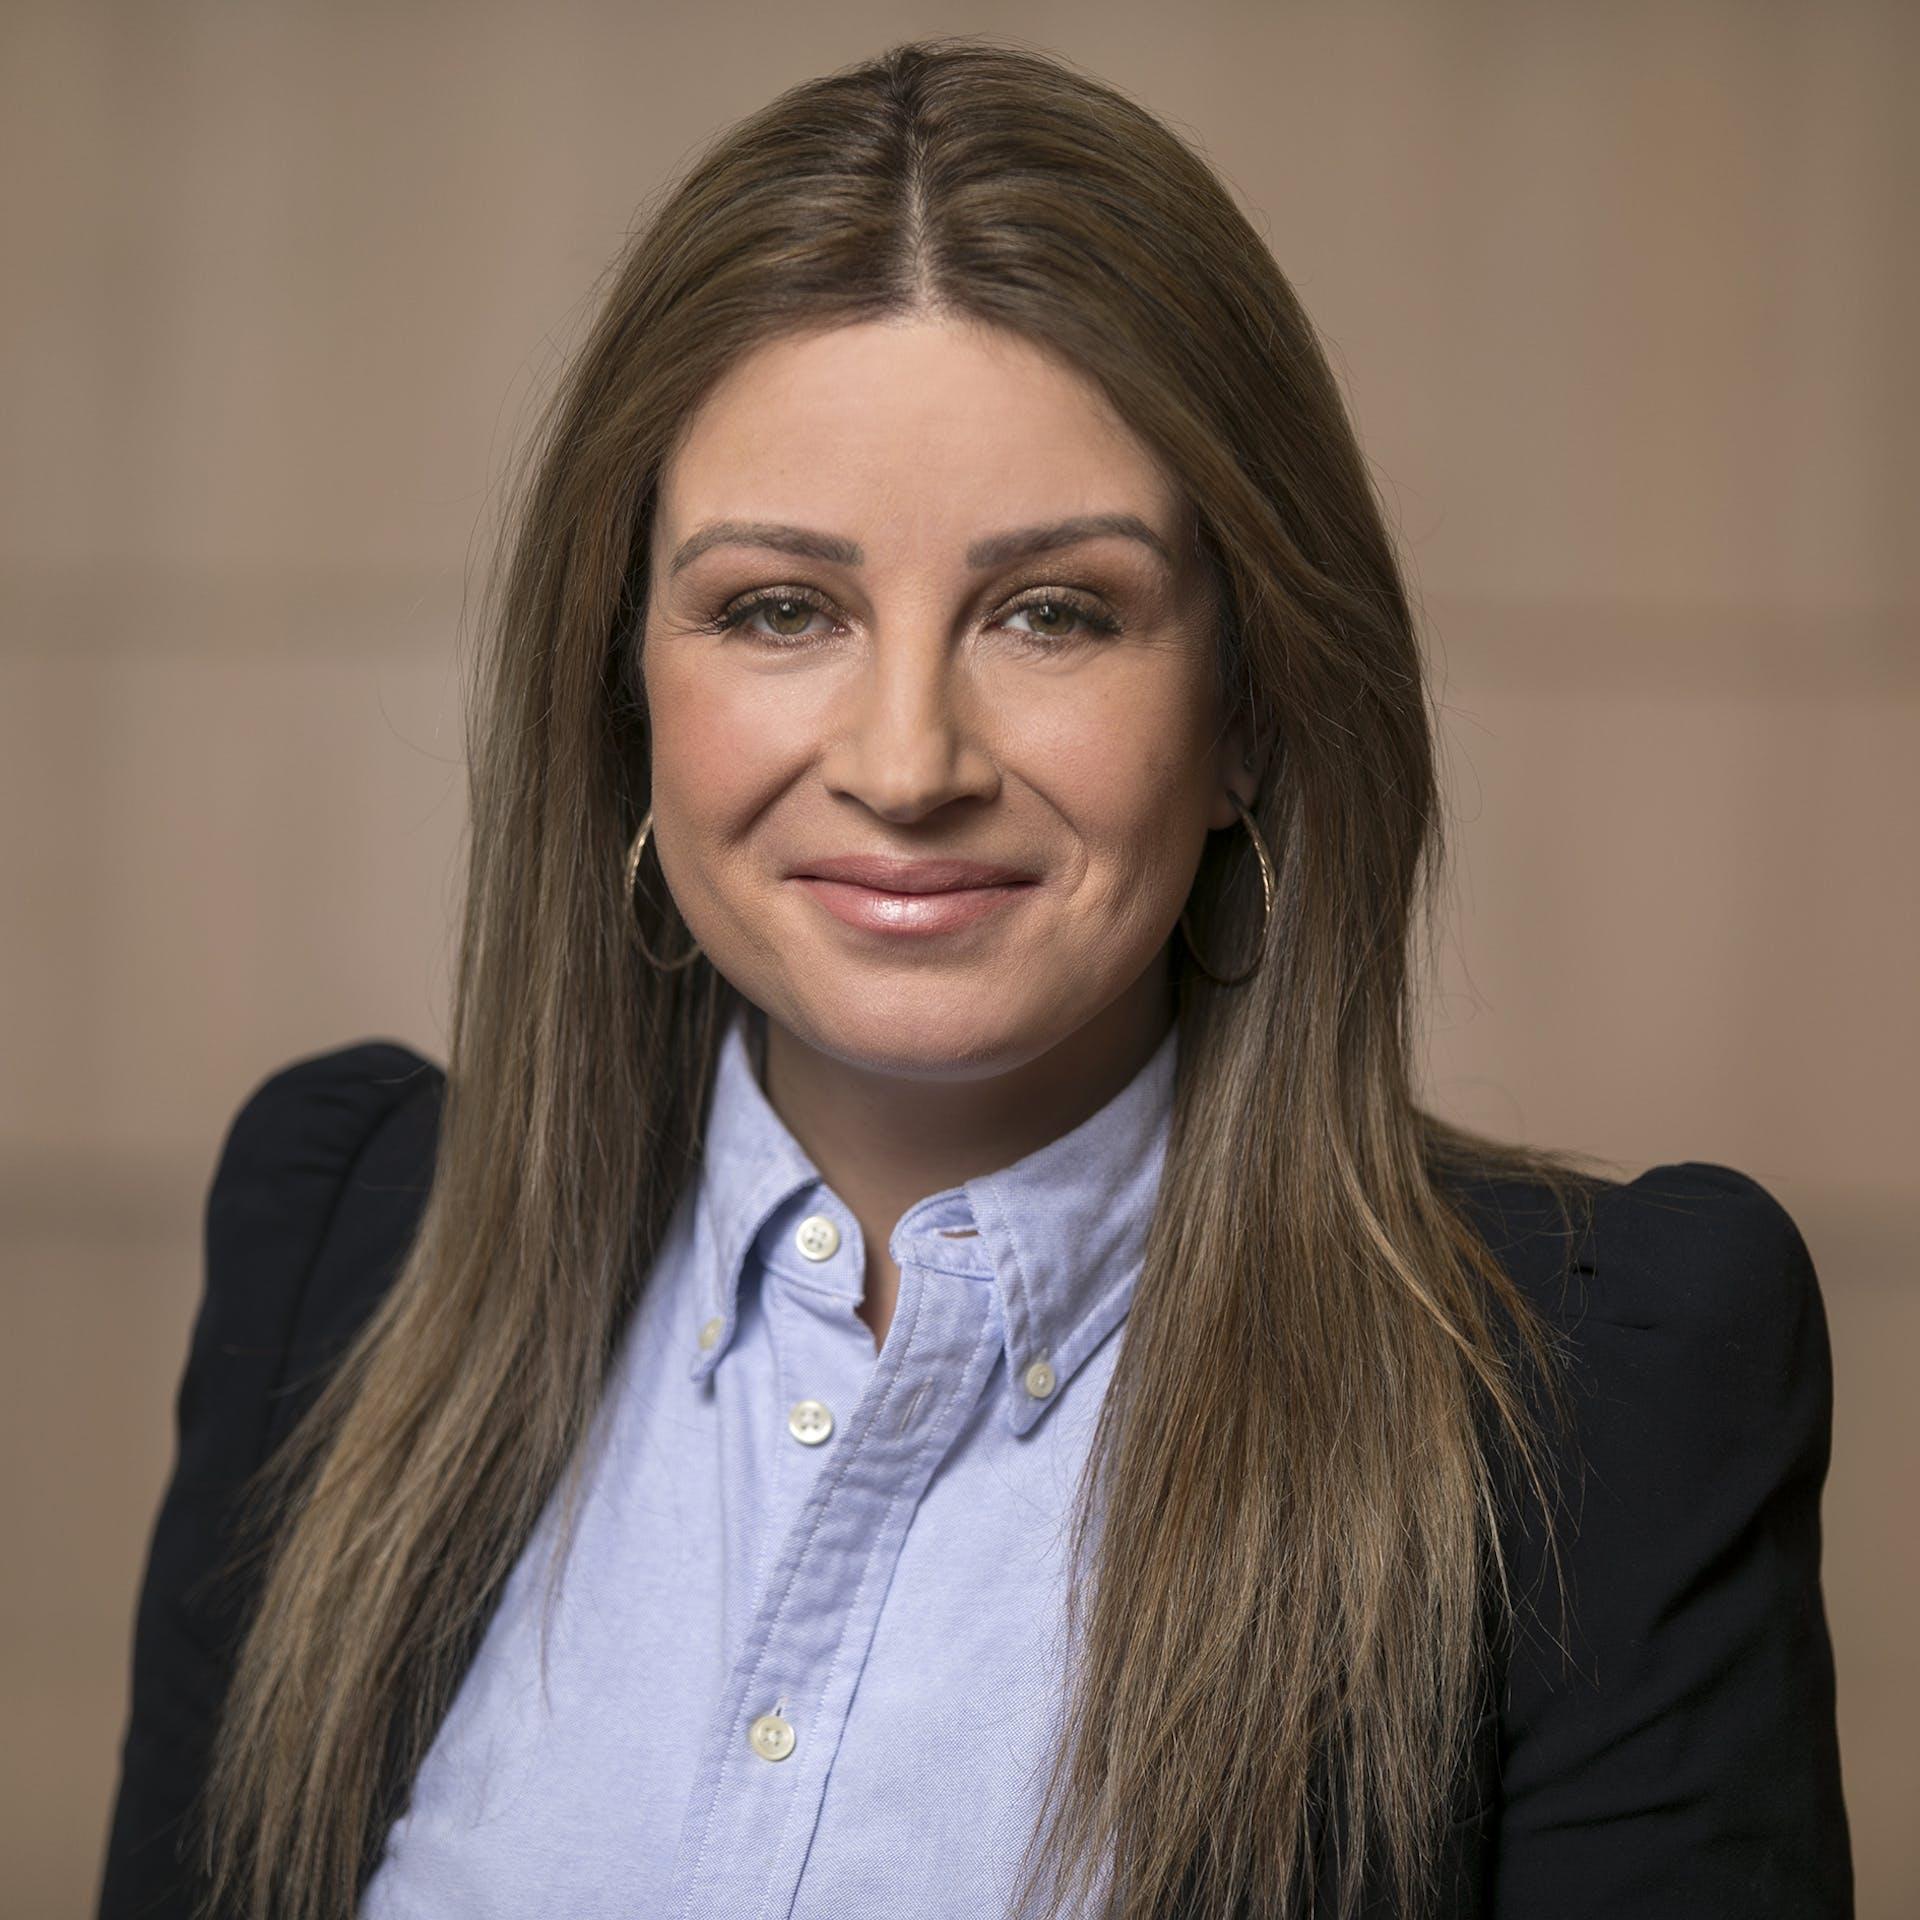 Kristín Erla Jóhannsdóttir